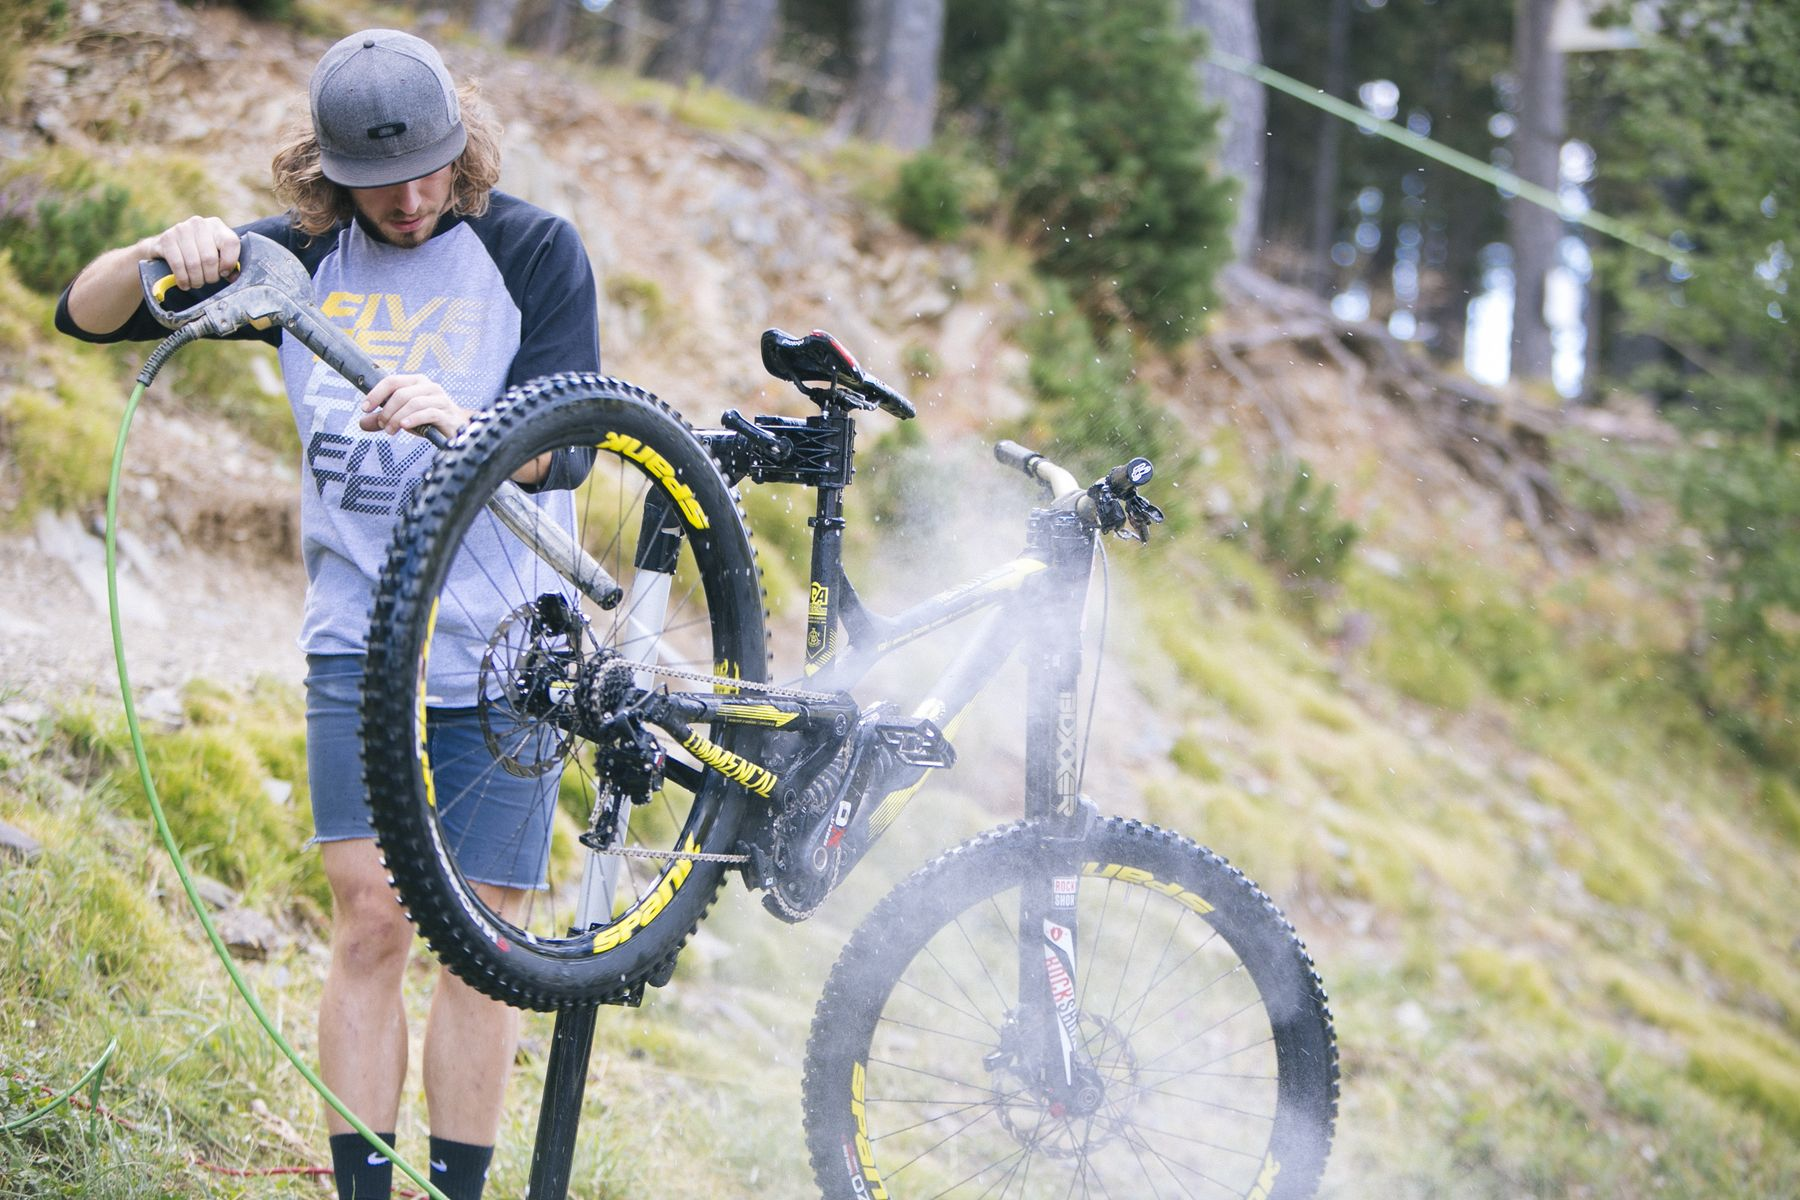 Lavar las bicicletas tarea fácil este año. Ni rastro de barro. Ni previsión de lluvia.